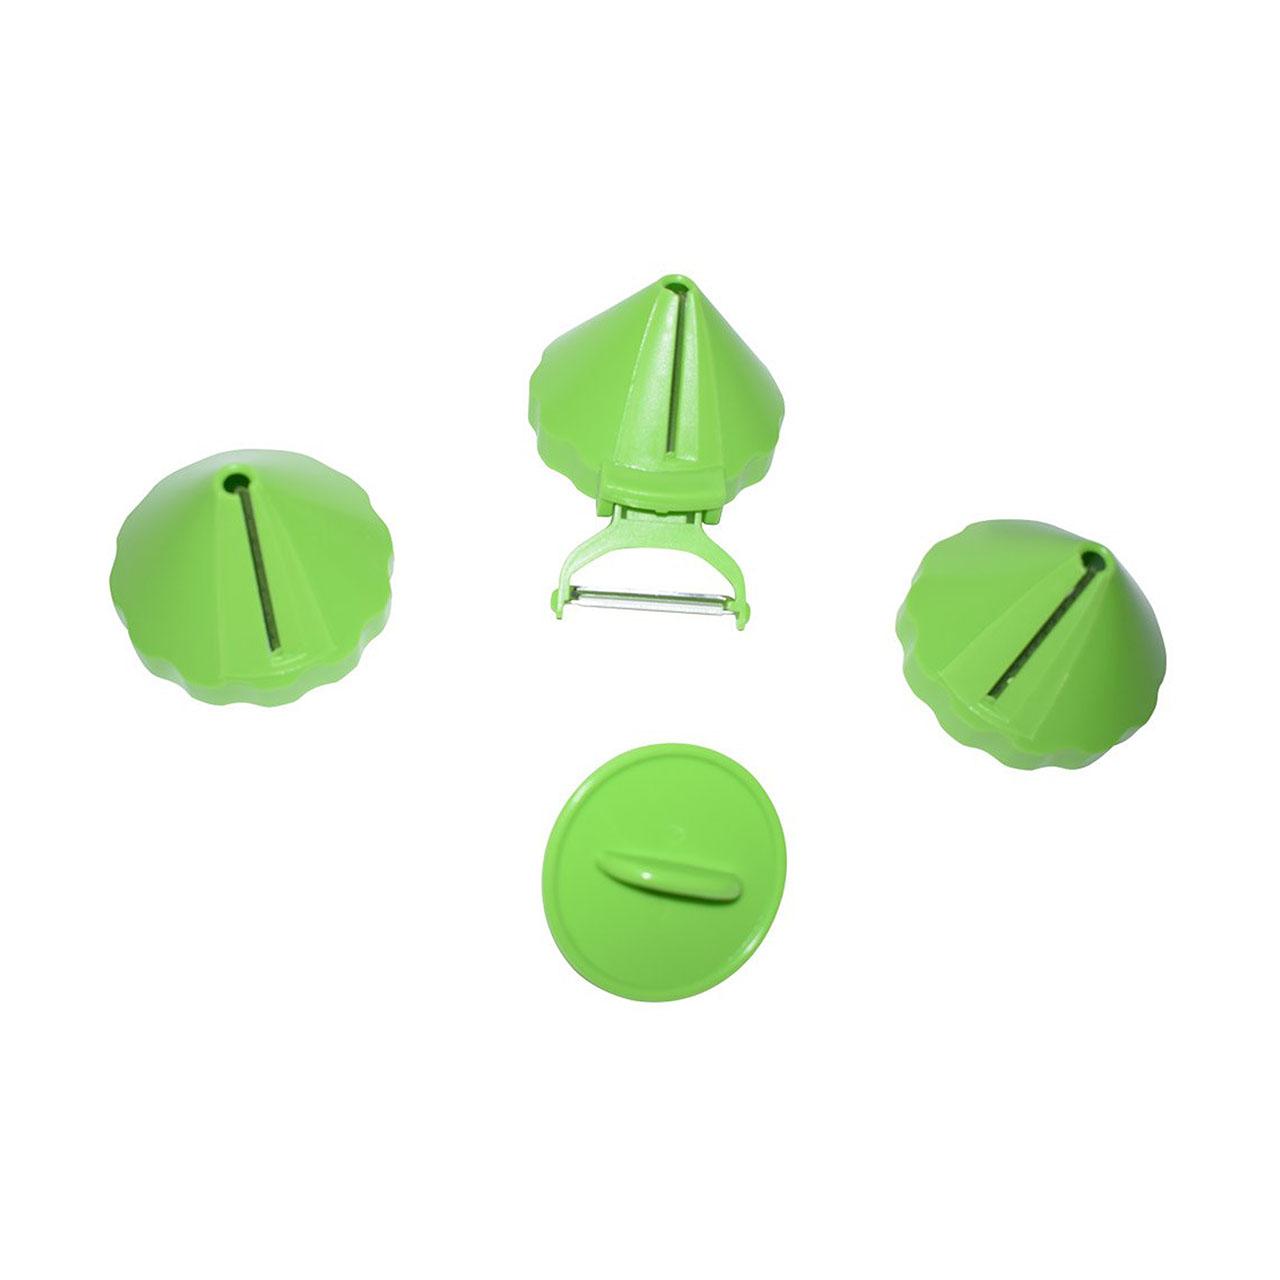 خردکن و رشته کن سبزیجات  چهار کاره مدل HY-606